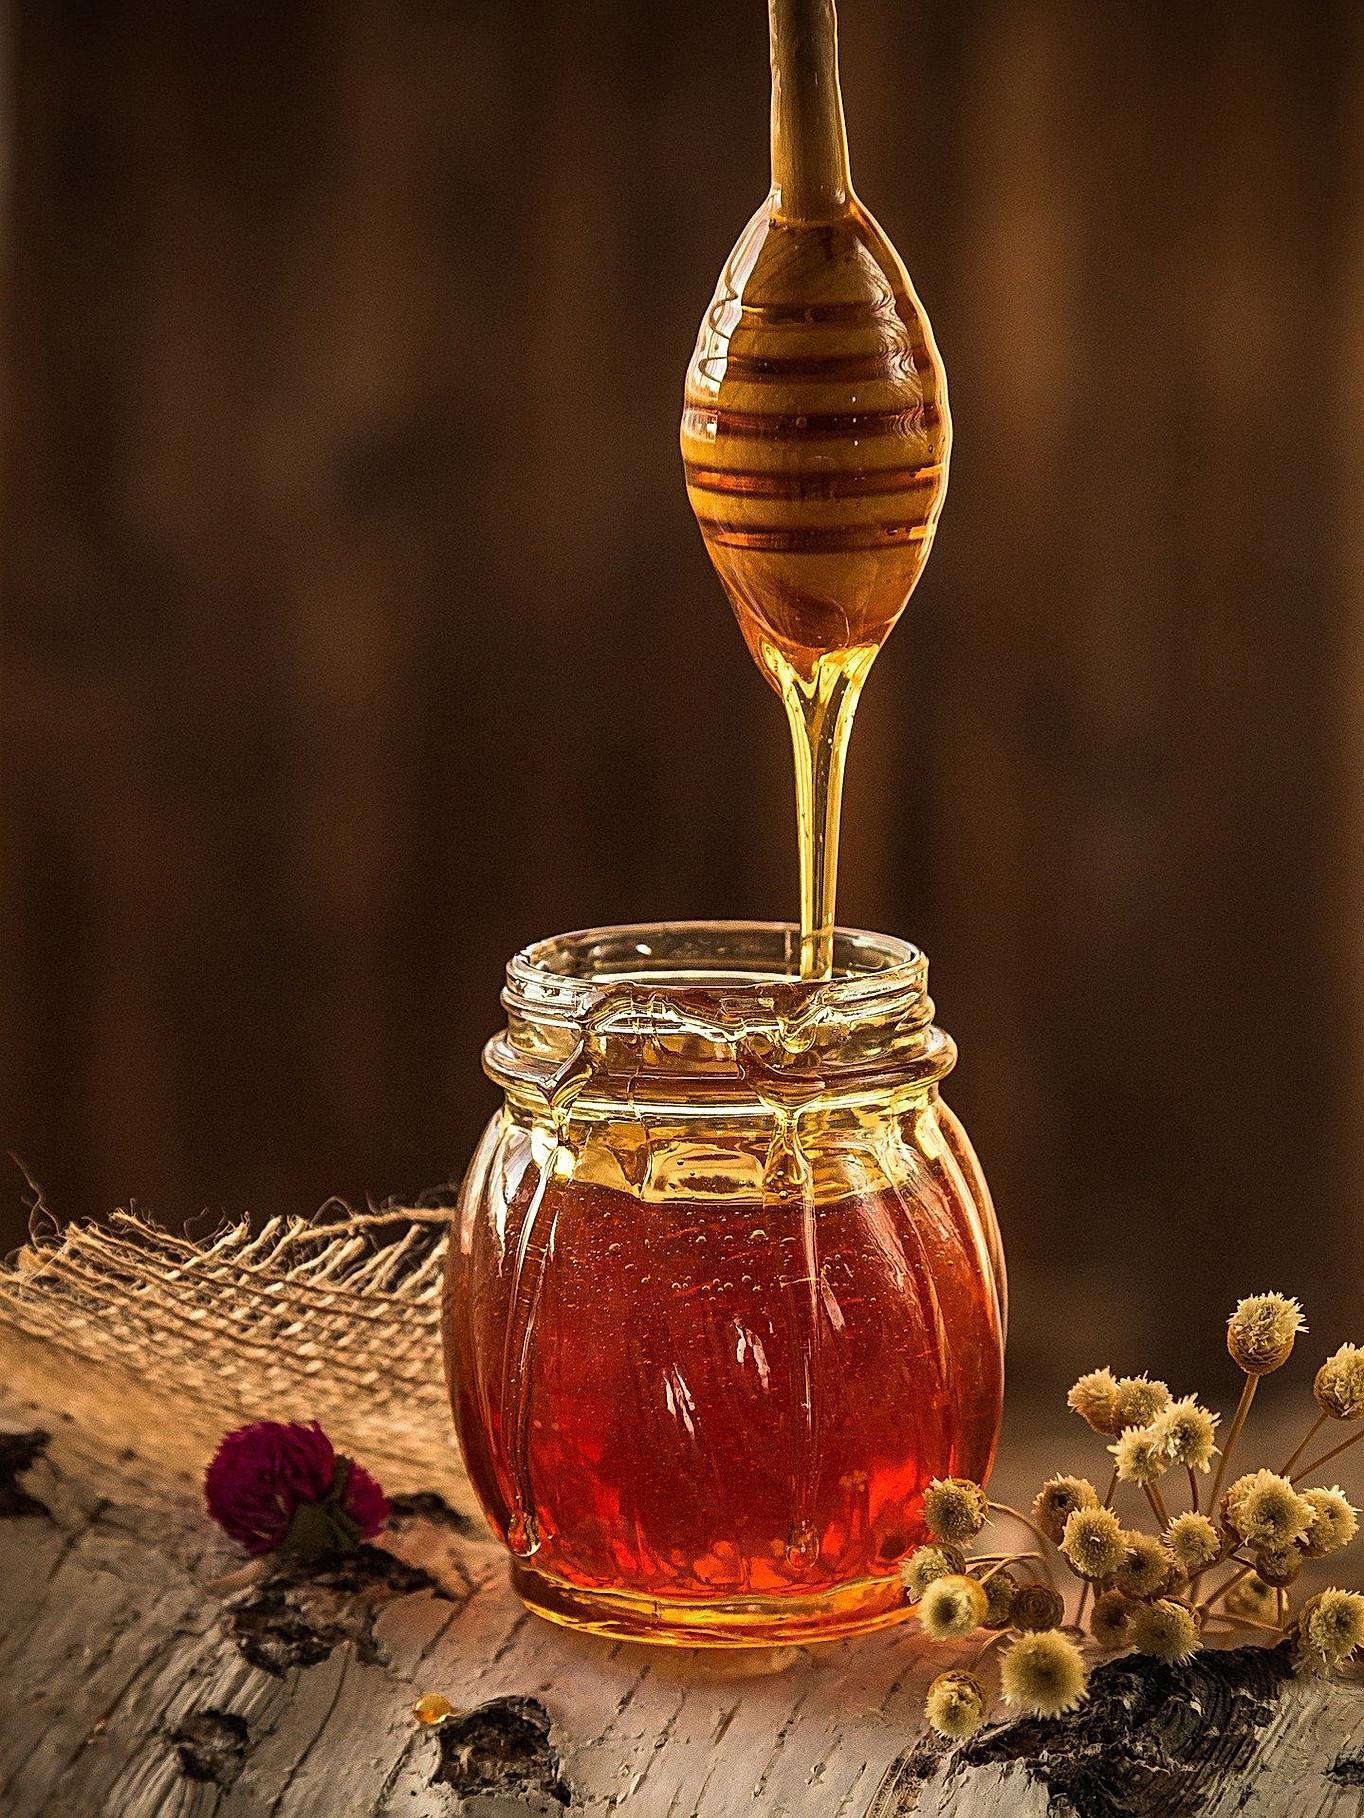 honey-1958464_1920.jpg